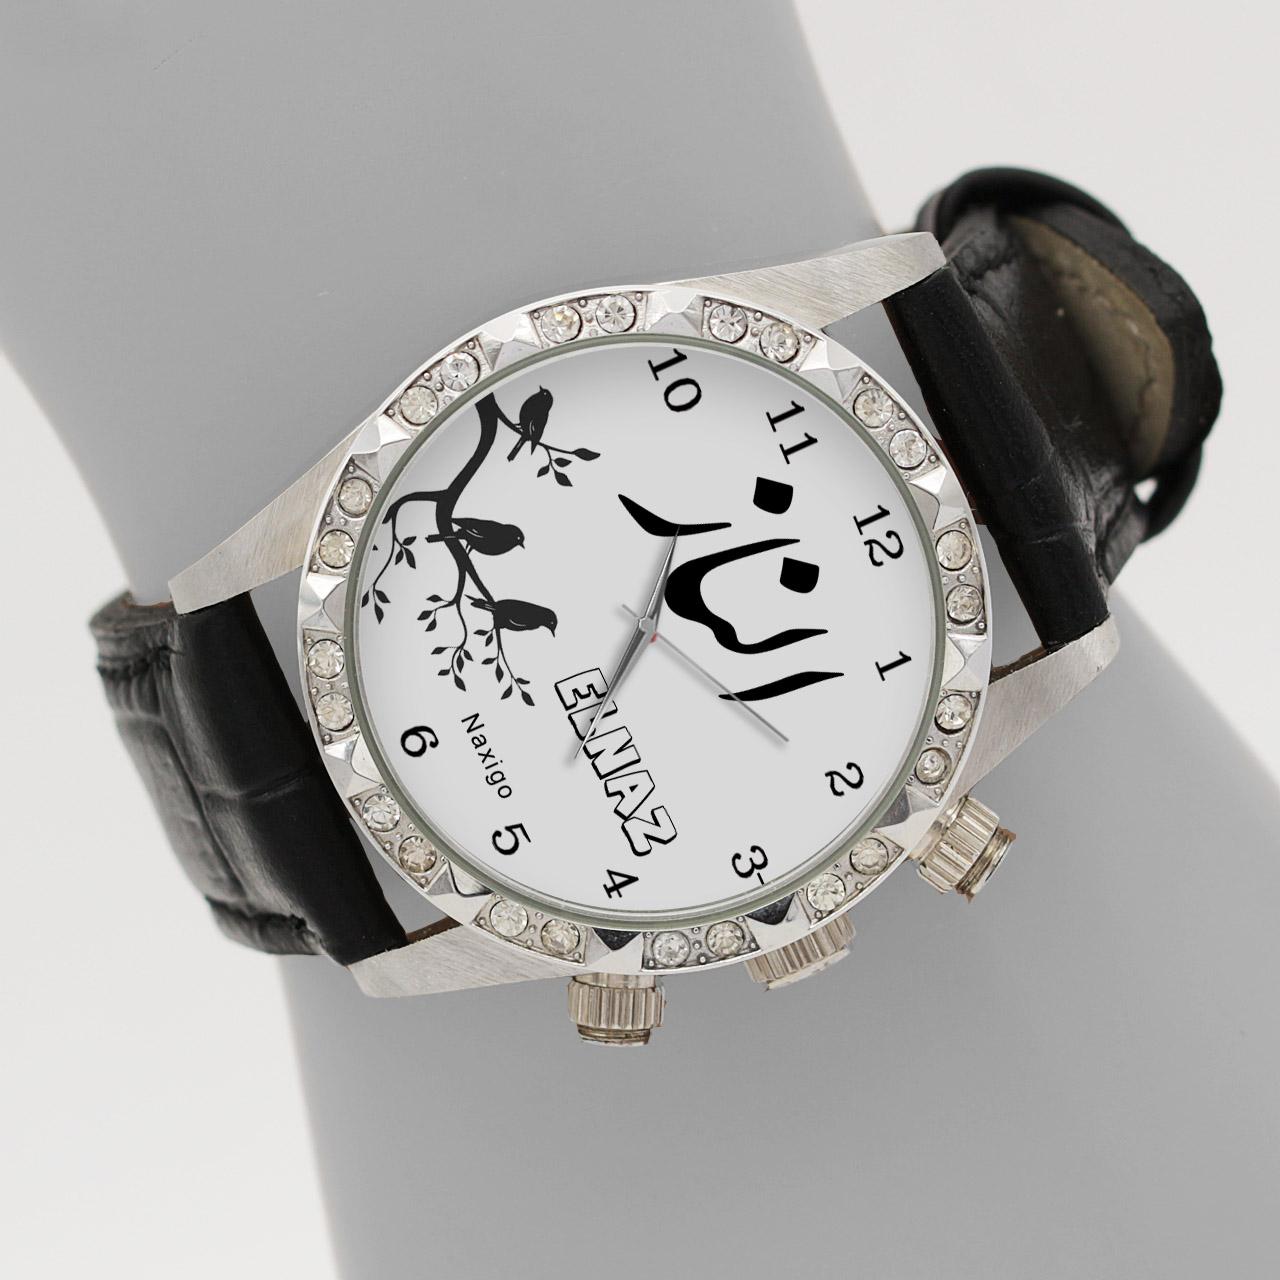 خرید و قیمت                      ساعت مچی  زنانه ناکسیگو طرح الناز کد LS3782